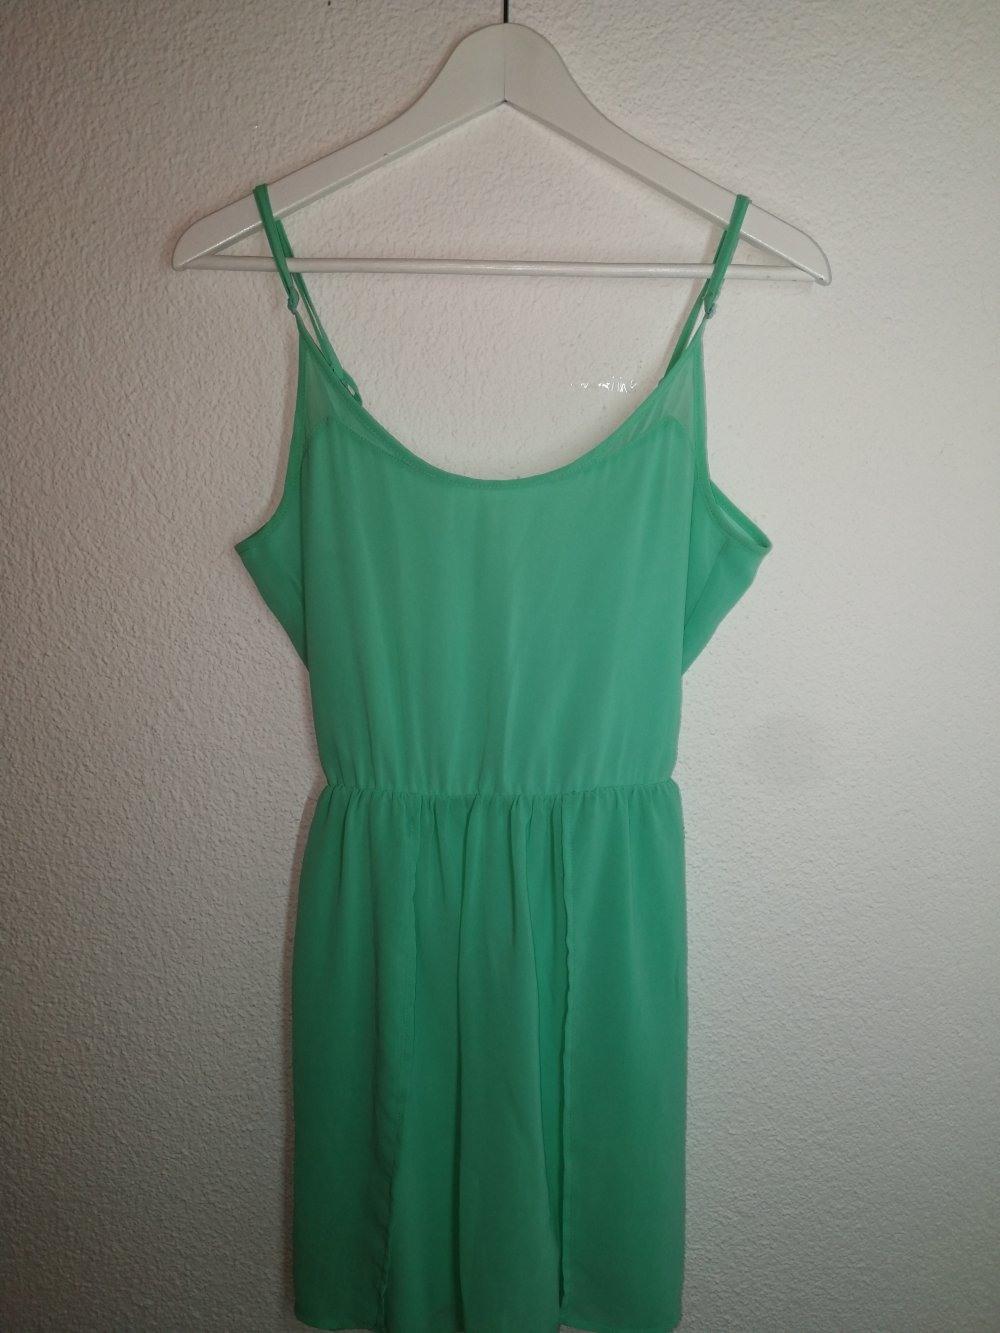 Formal Ausgezeichnet Grünes Kurzes Kleid Galerie20 Perfekt Grünes Kurzes Kleid für 2019